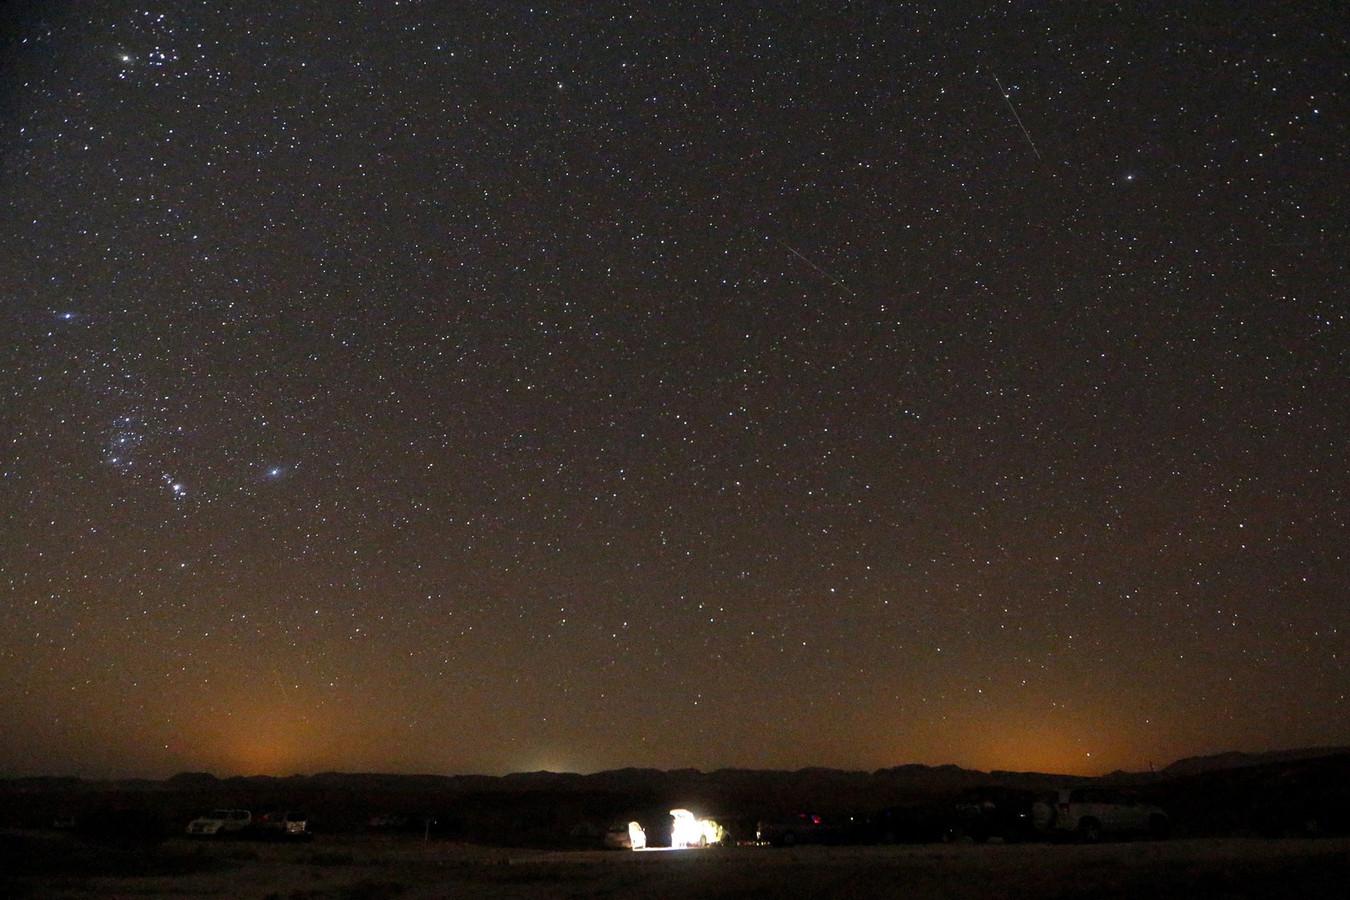 Sterren steeds minder goed te zien door lichtvervuiling | Nieuws | AD.nl